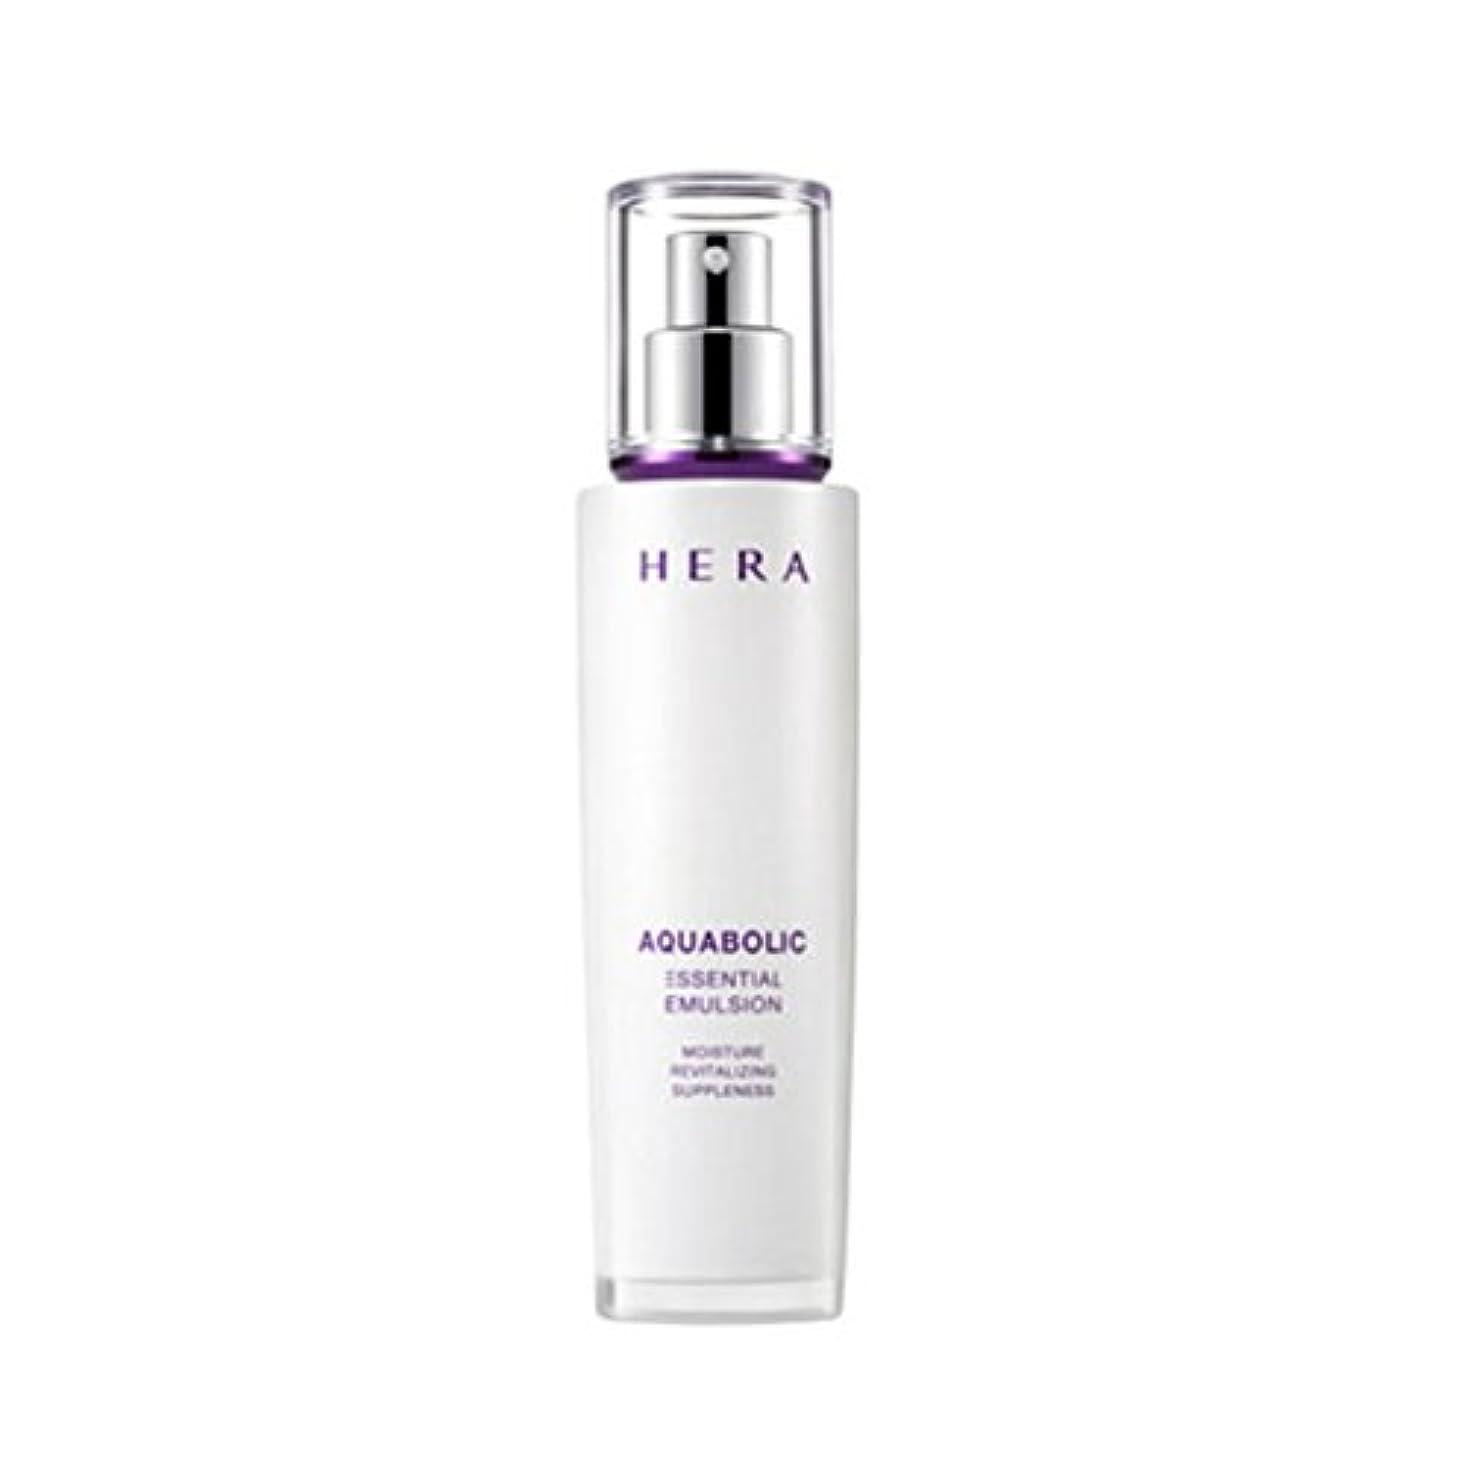 素晴らしい良い多くのキャラクタービジョン(ヘラ) HERA アクアボリックエッセンシャル エマルジョン 120ml / Aquabolic Essential Emulsion 120ml (韓国直輸入)